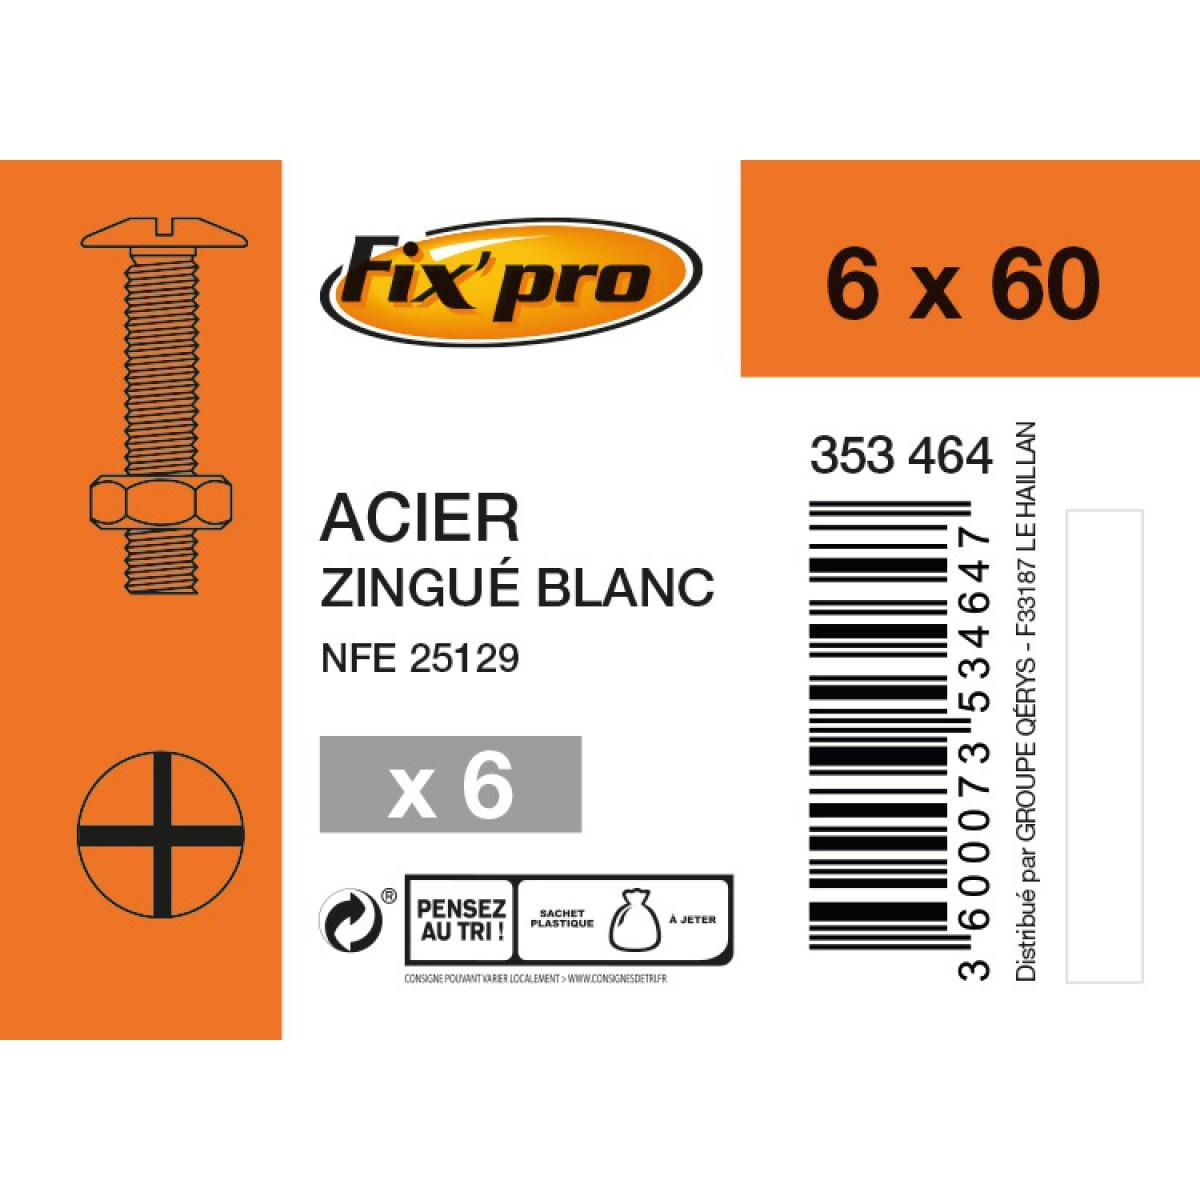 Boulon poêlier acier zingué - 6x60 - 6pces - Fixpro